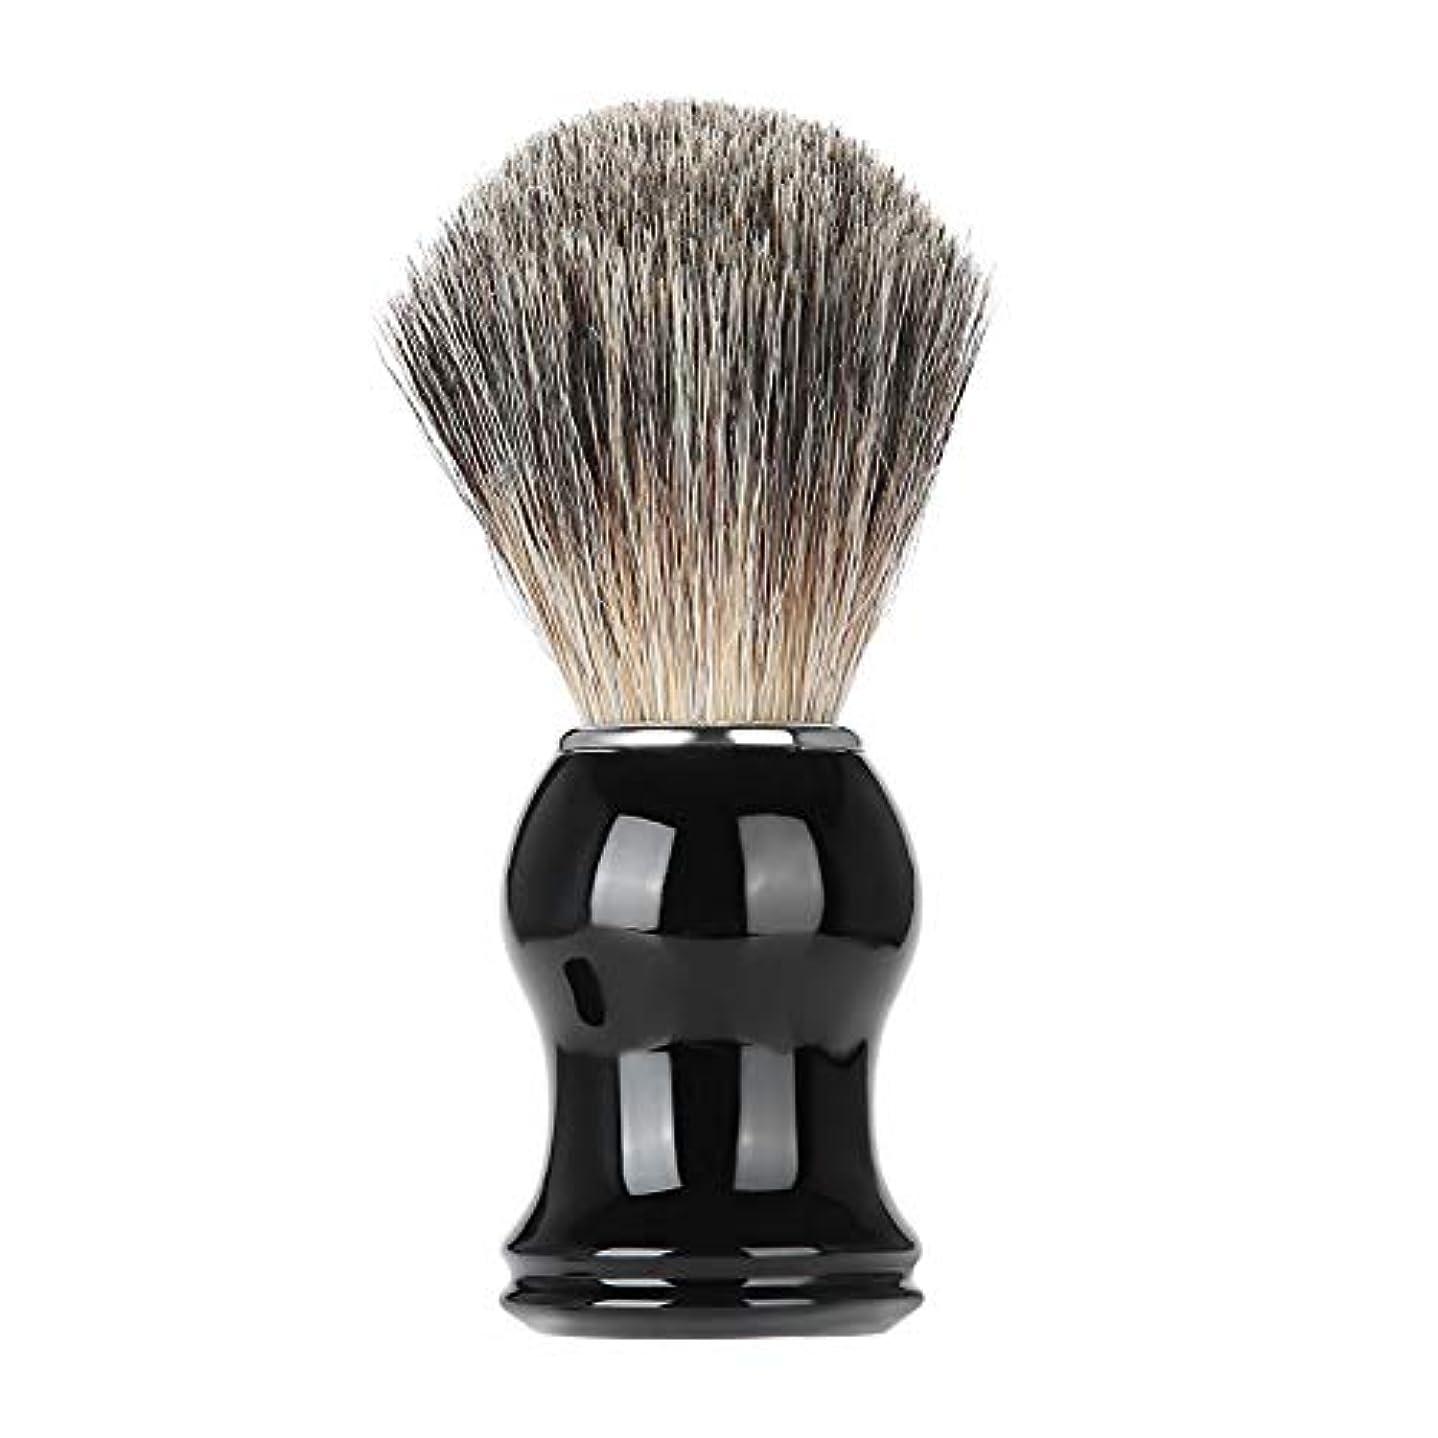 実行可能未接続放映シェービングブラシ男性髭口ひげ剃毛ブラシ樹脂ハンドル髭剃りツール